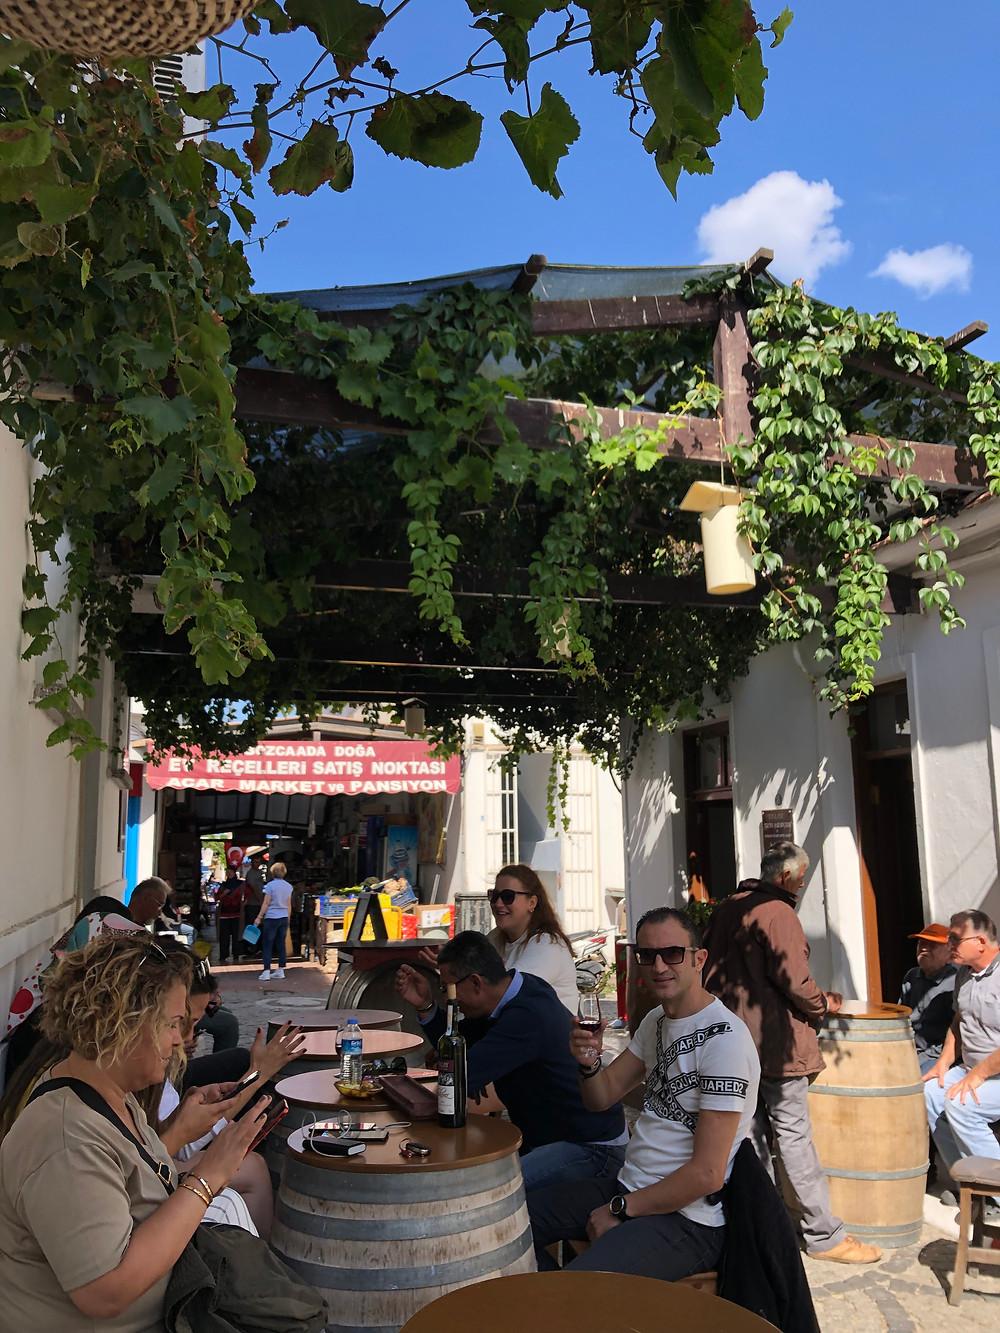 Wine tasting at Talay wine bar on Bozcaada island